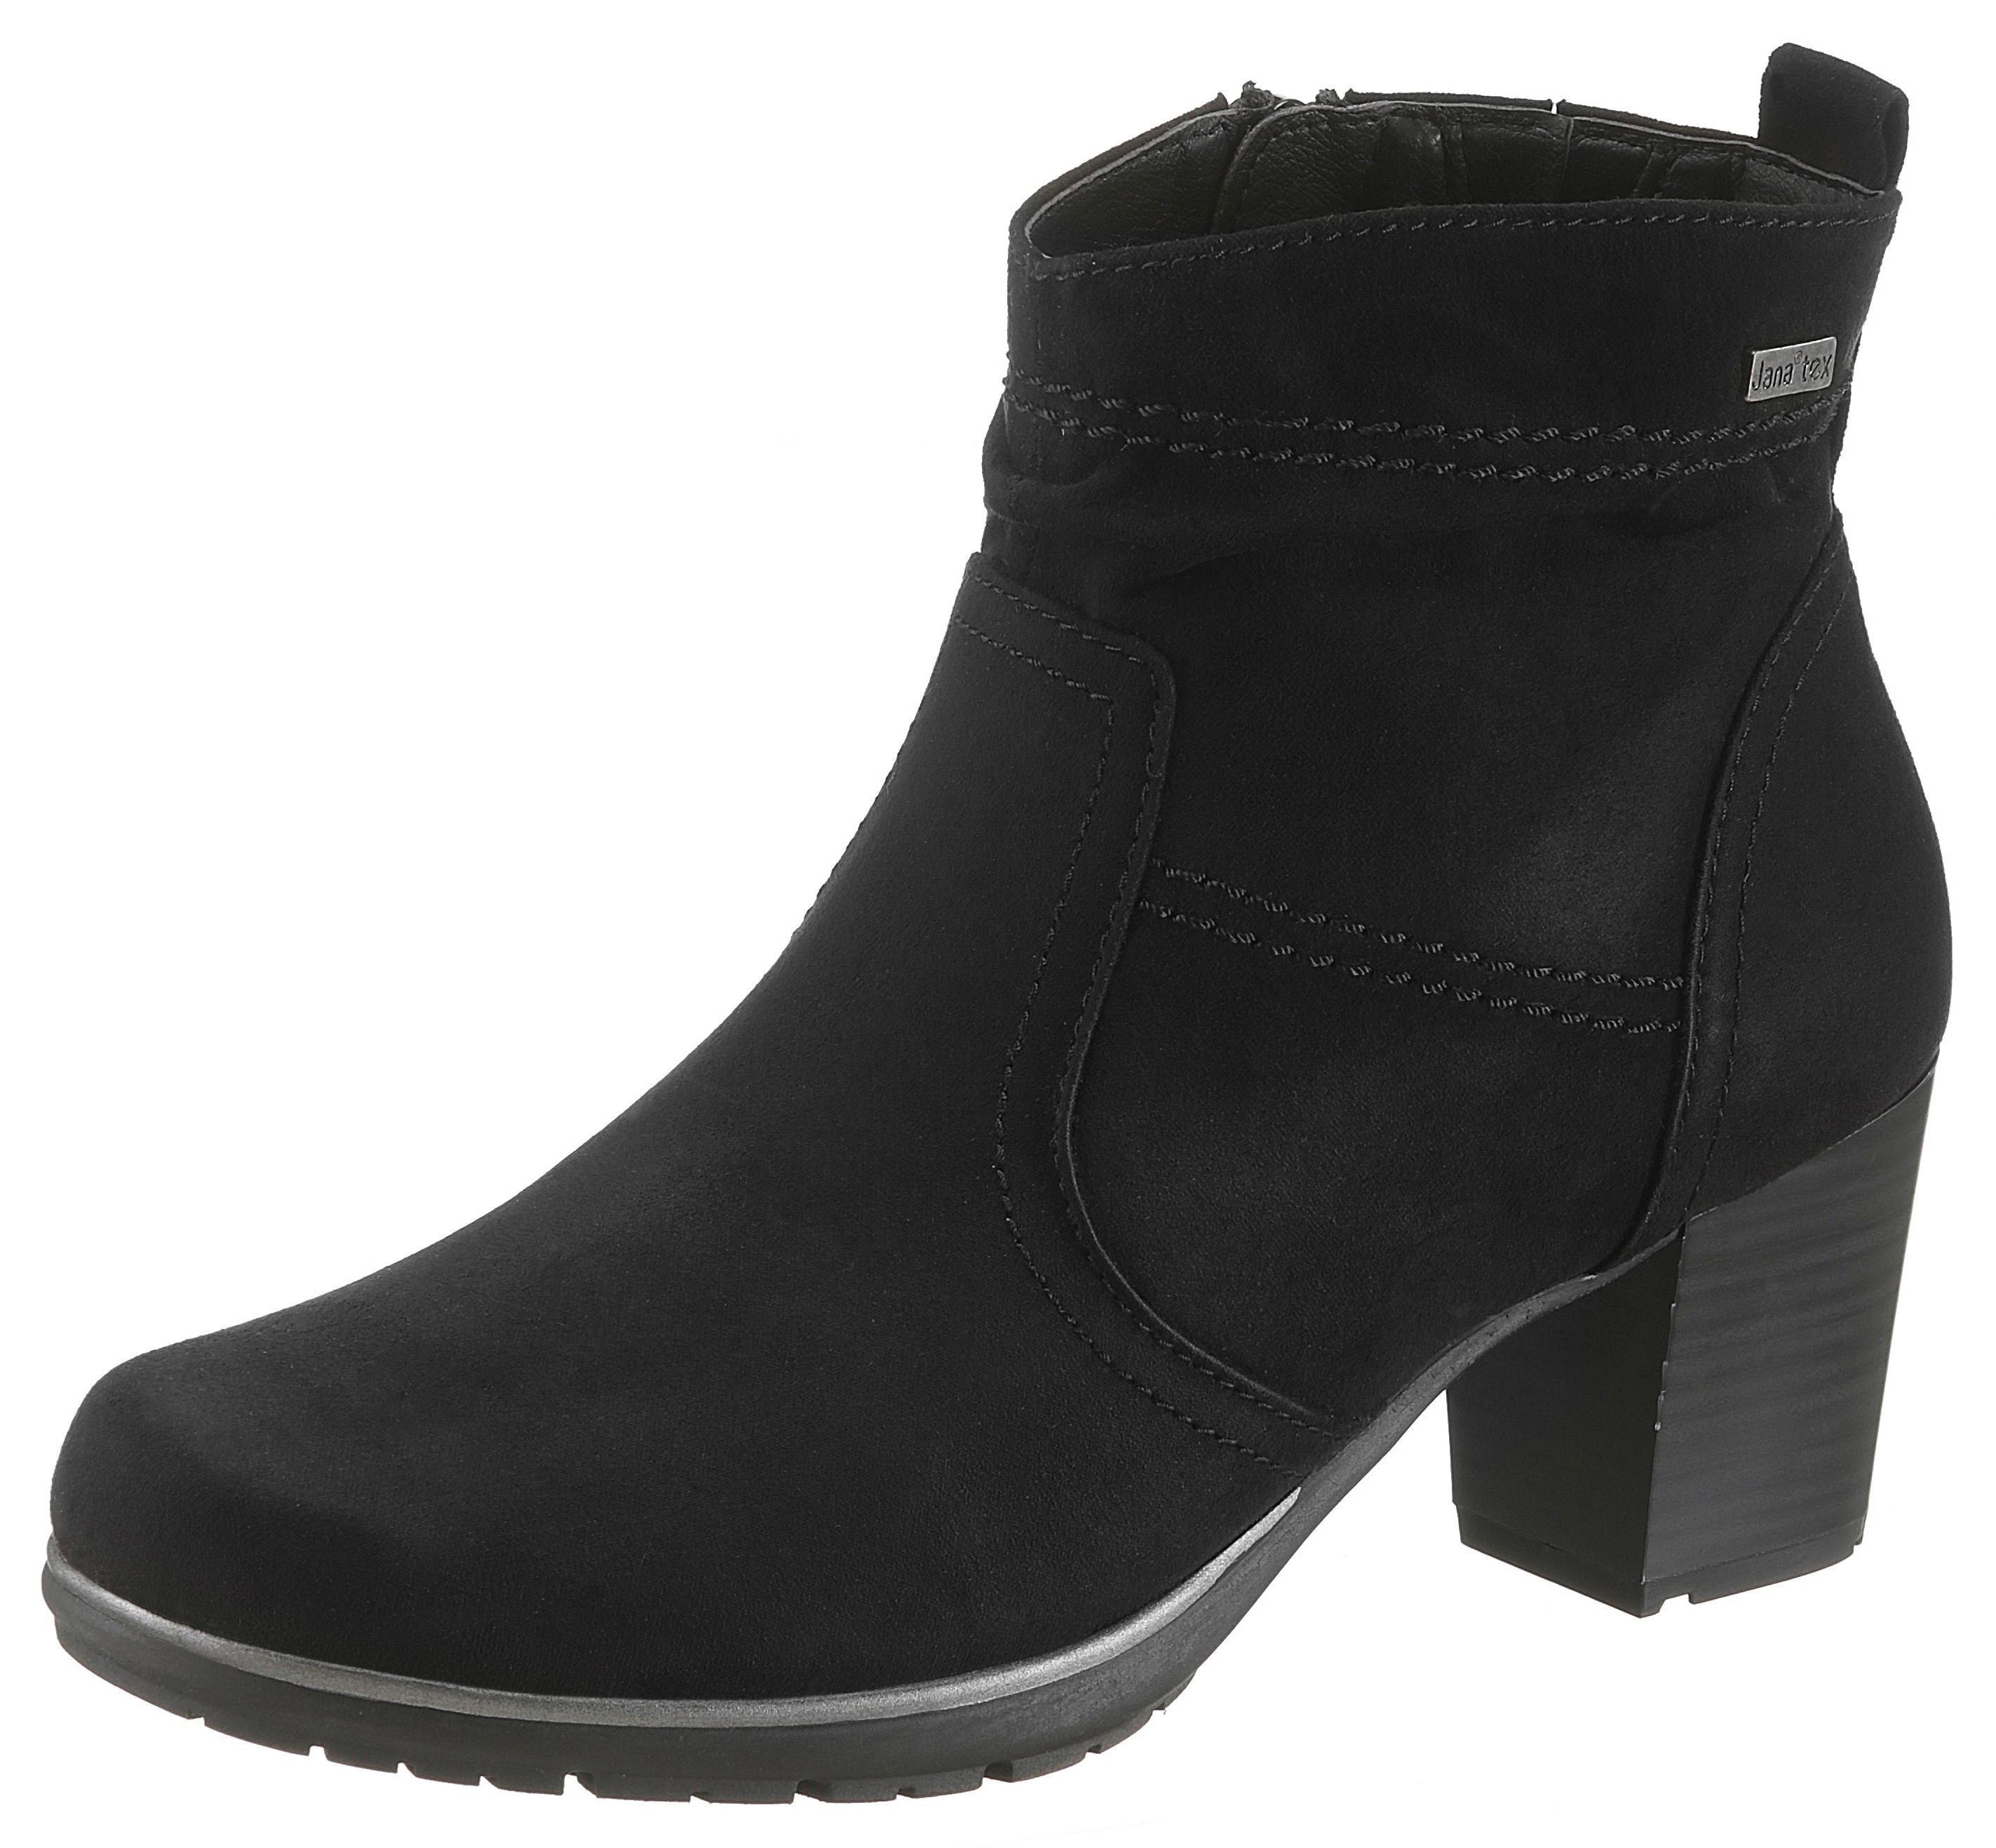 Jana Winterlaarsjes Futuro met jana-tex, in comfortabele schoenwijdte g voordelig en veilig online kopen